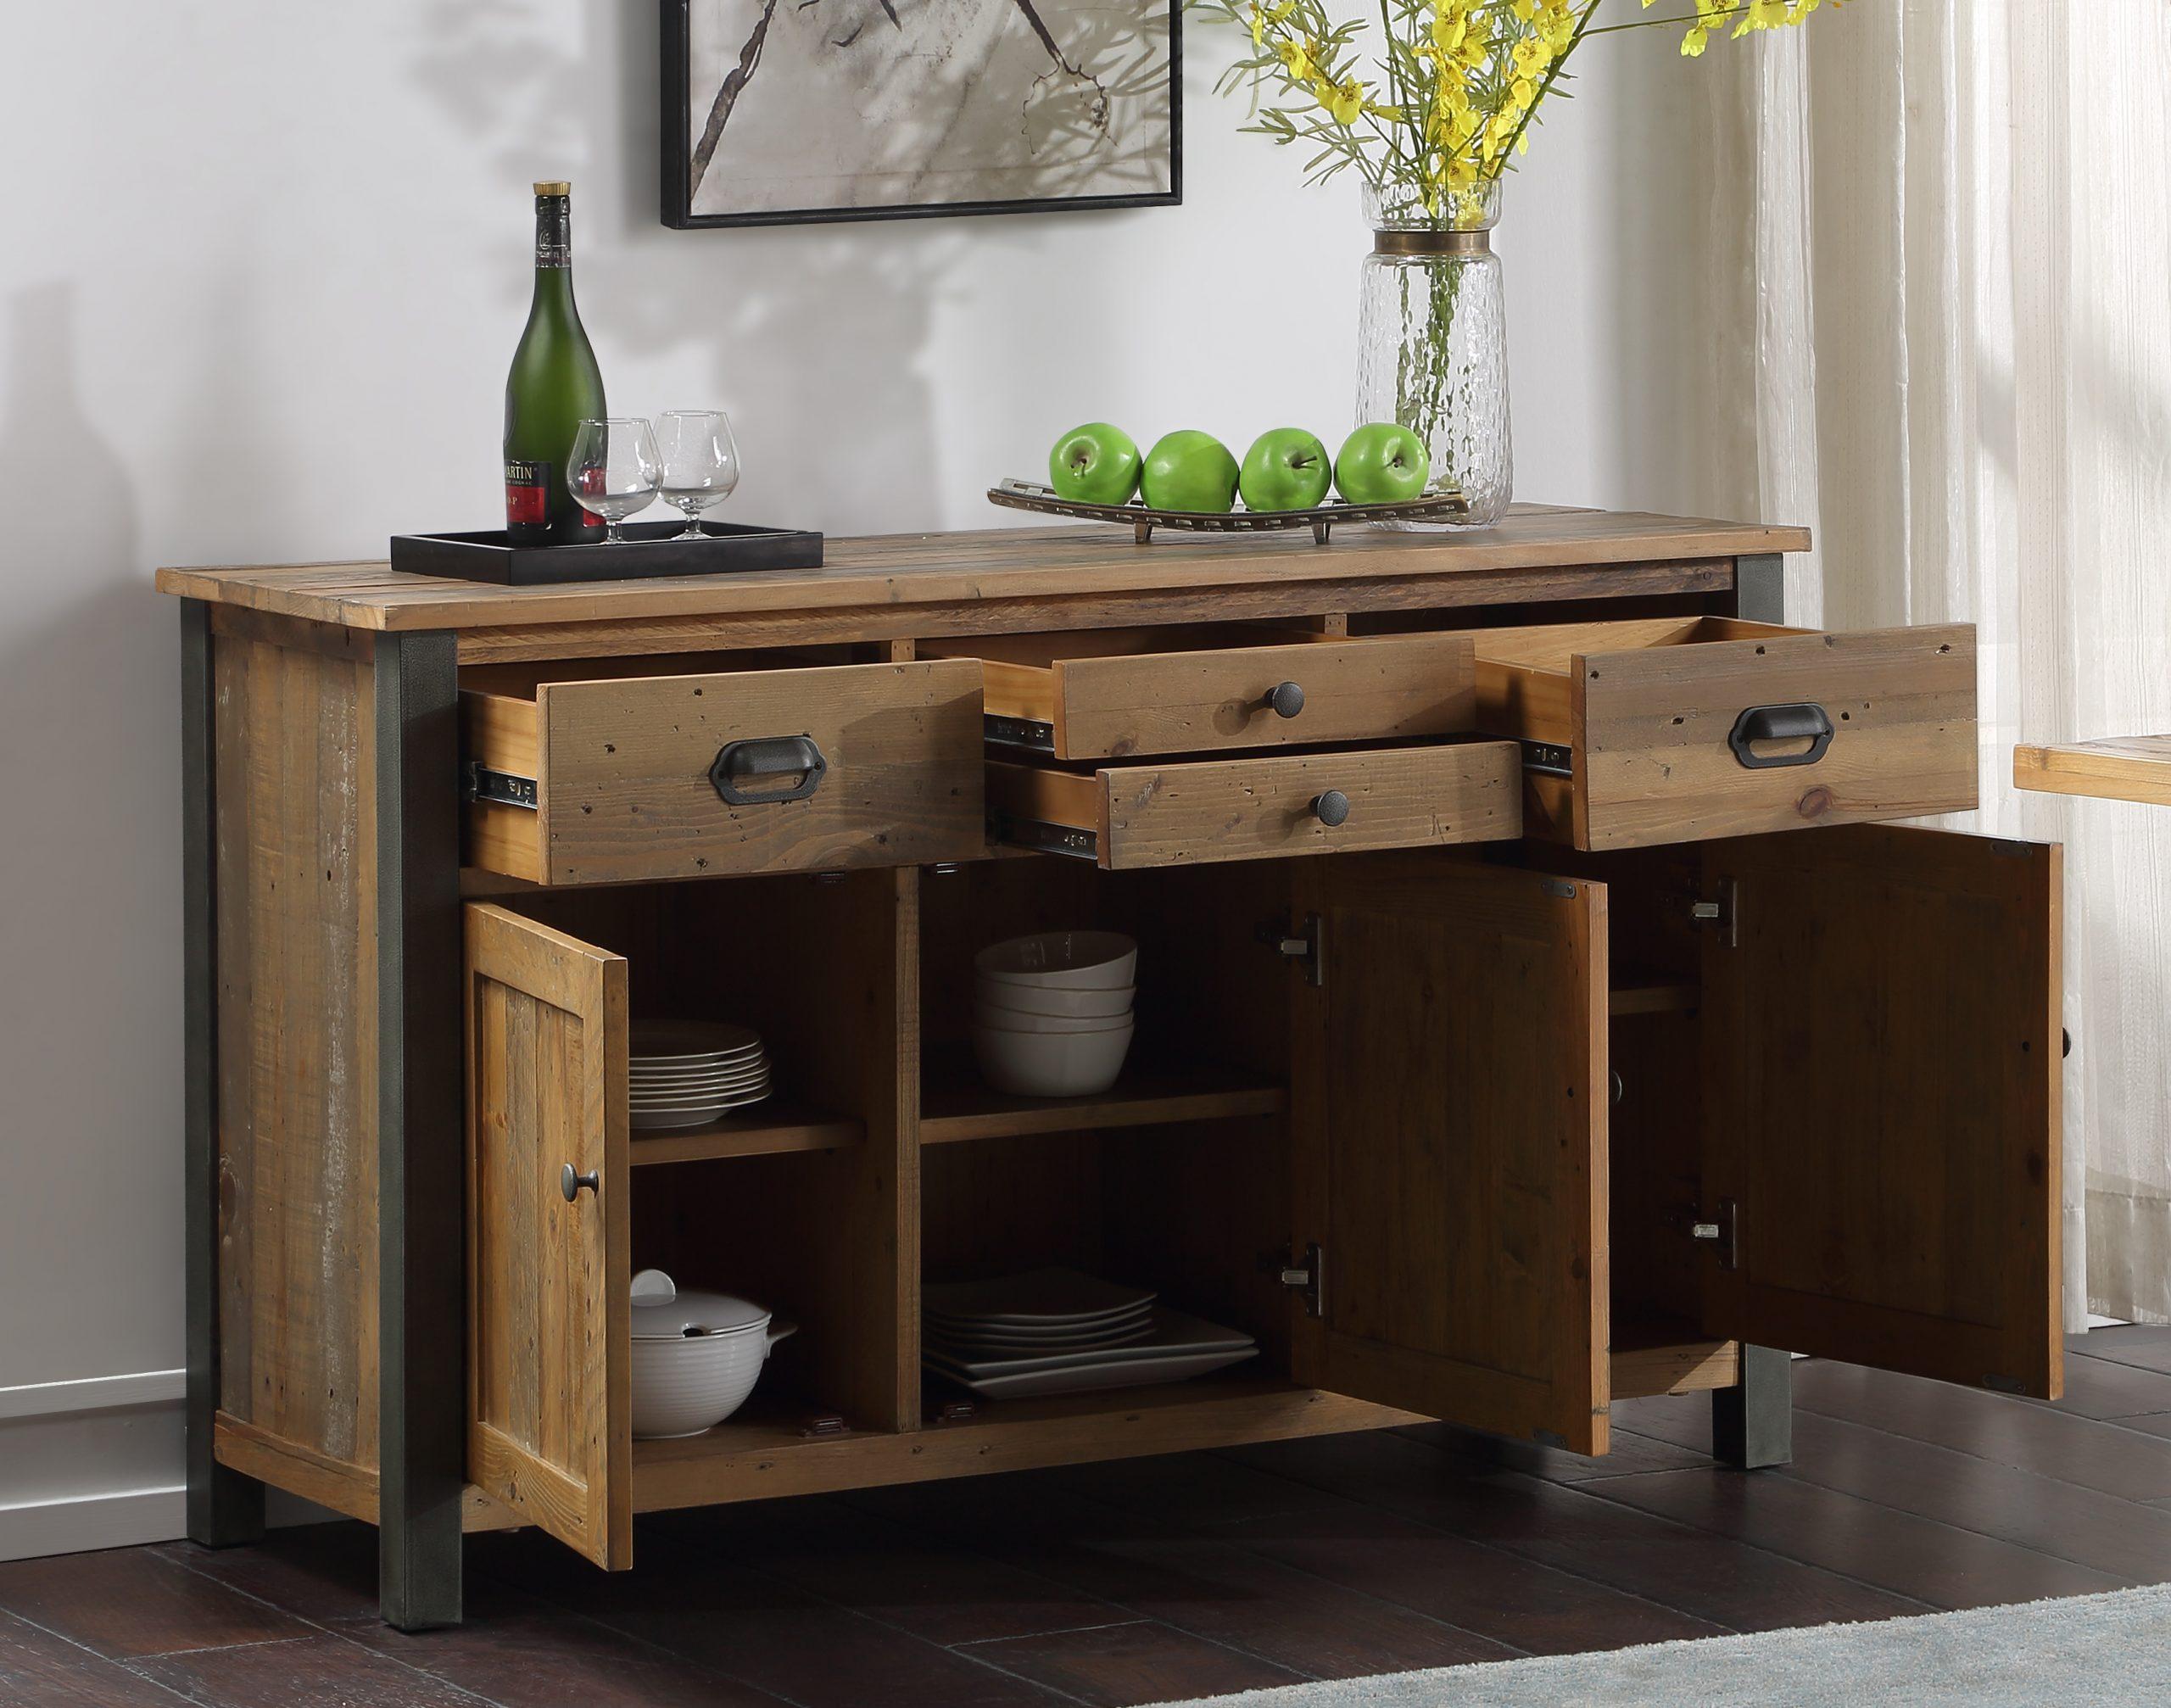 reclaimed wood sideboard - open